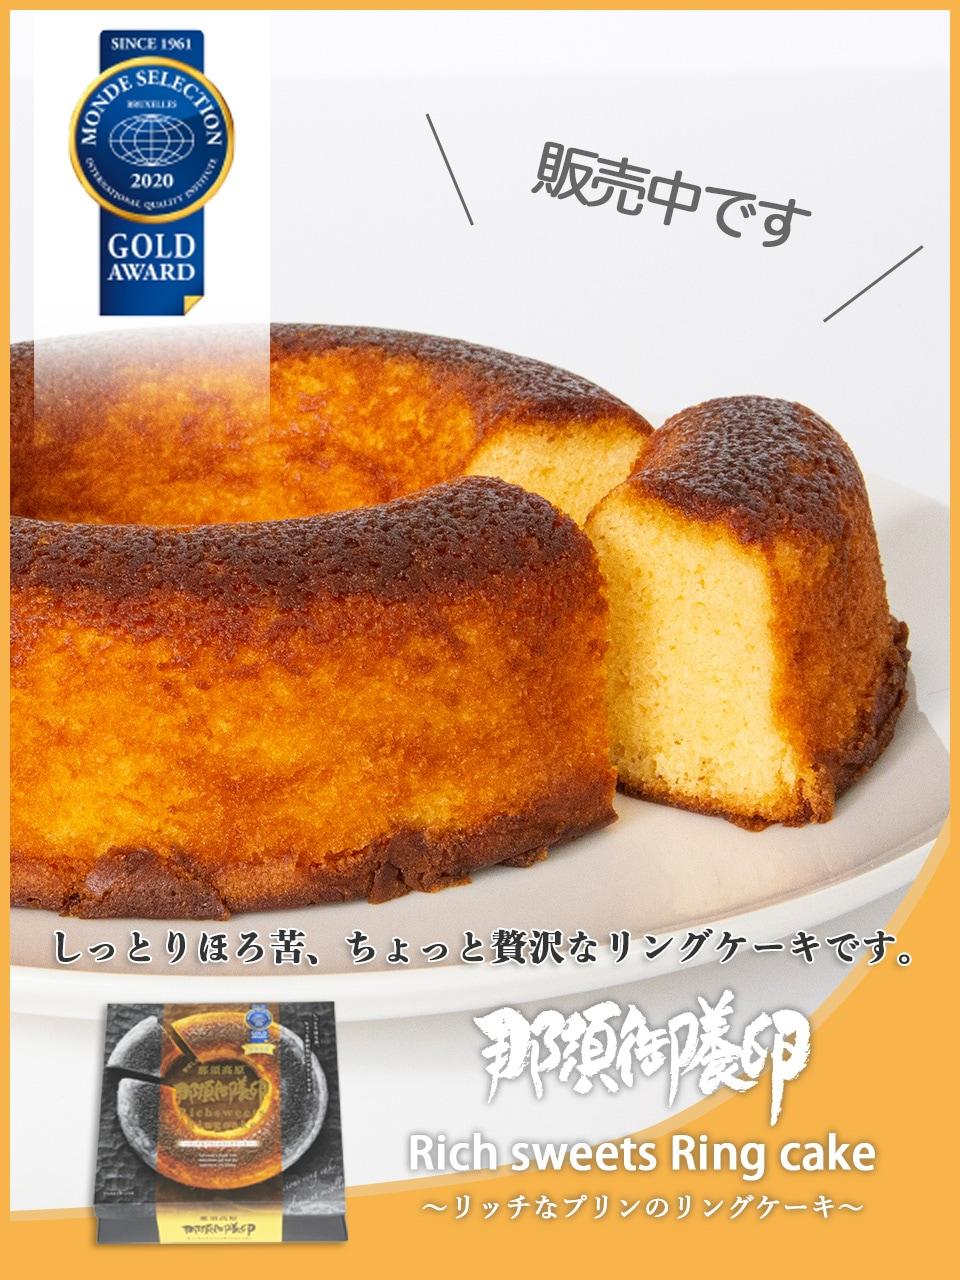 那須御養卵を使ったリングケーキが7月17日が販売開始